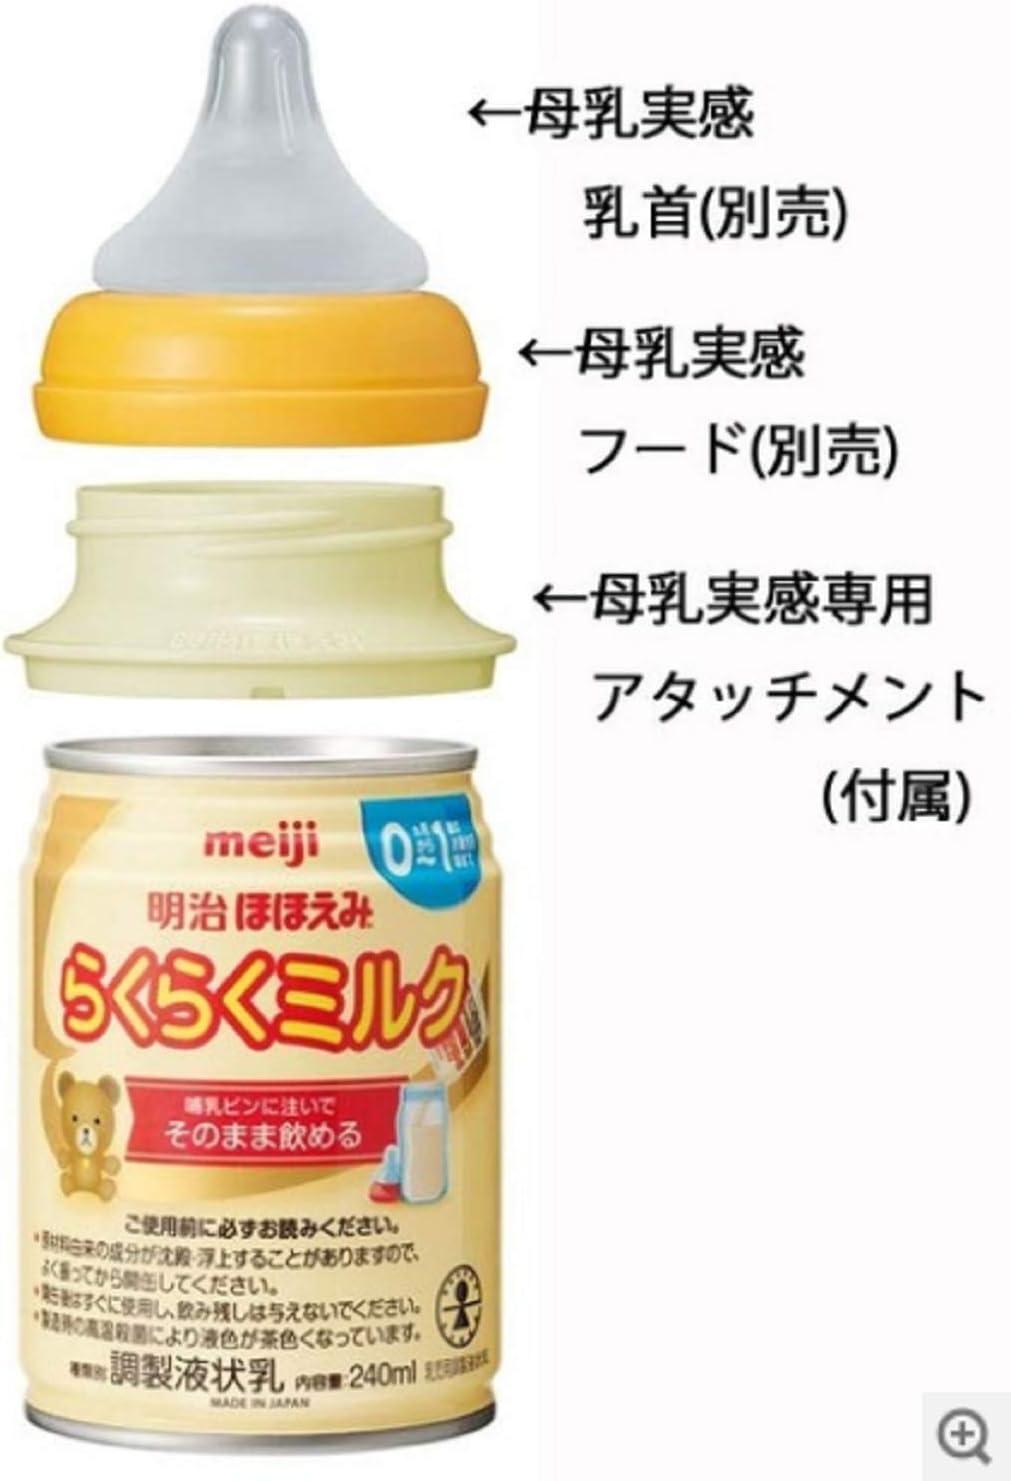 meiji『明治ほほえみ らくらくミルク 240ml×6本パック (専用アタッチメント付き) 』